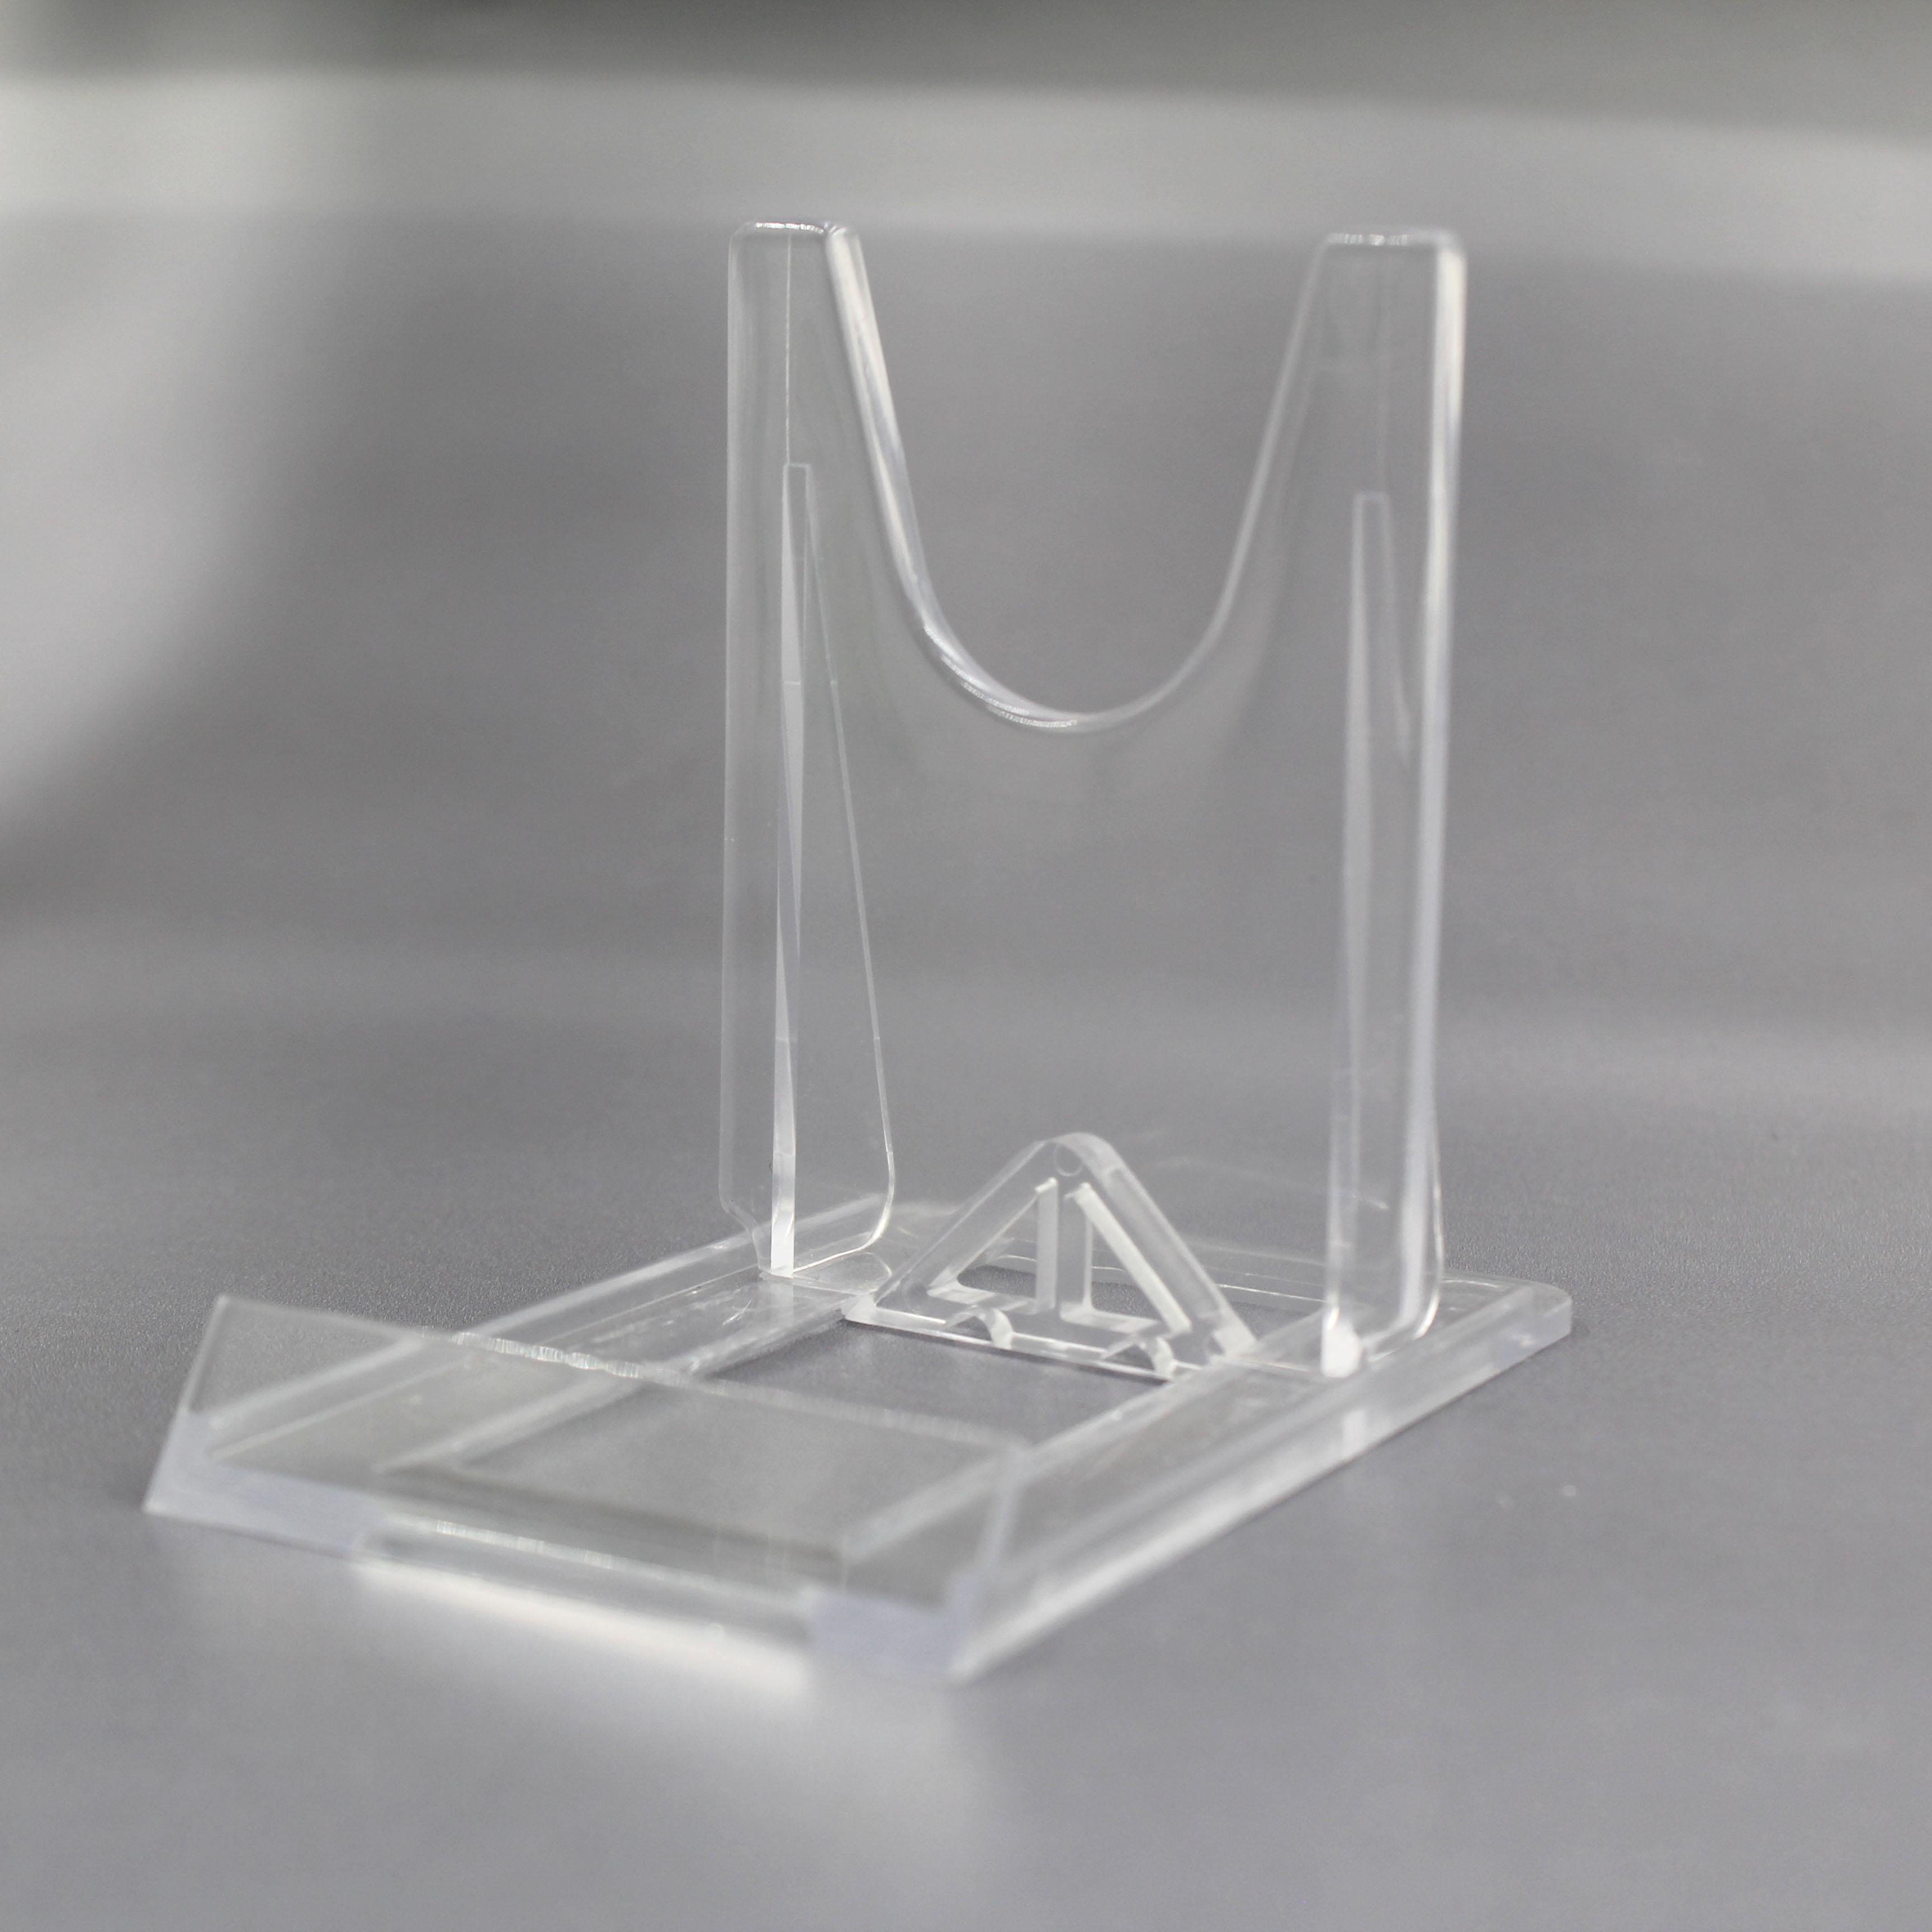 Universalständer groß/ Aufsteller transparent